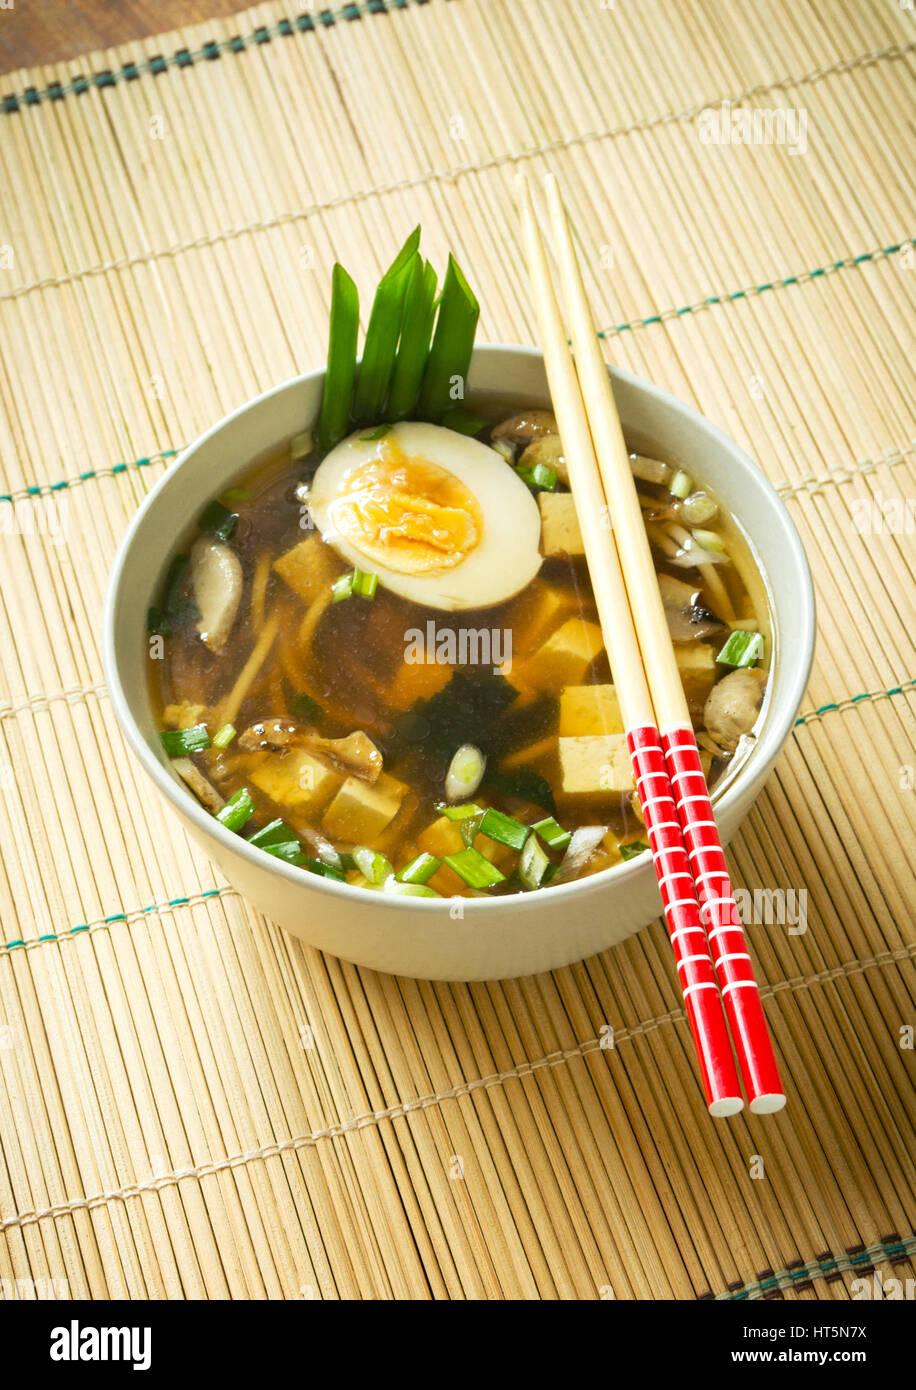 La soupe miso dans un bol blanc sur le tapis de bambou Banque D'Images